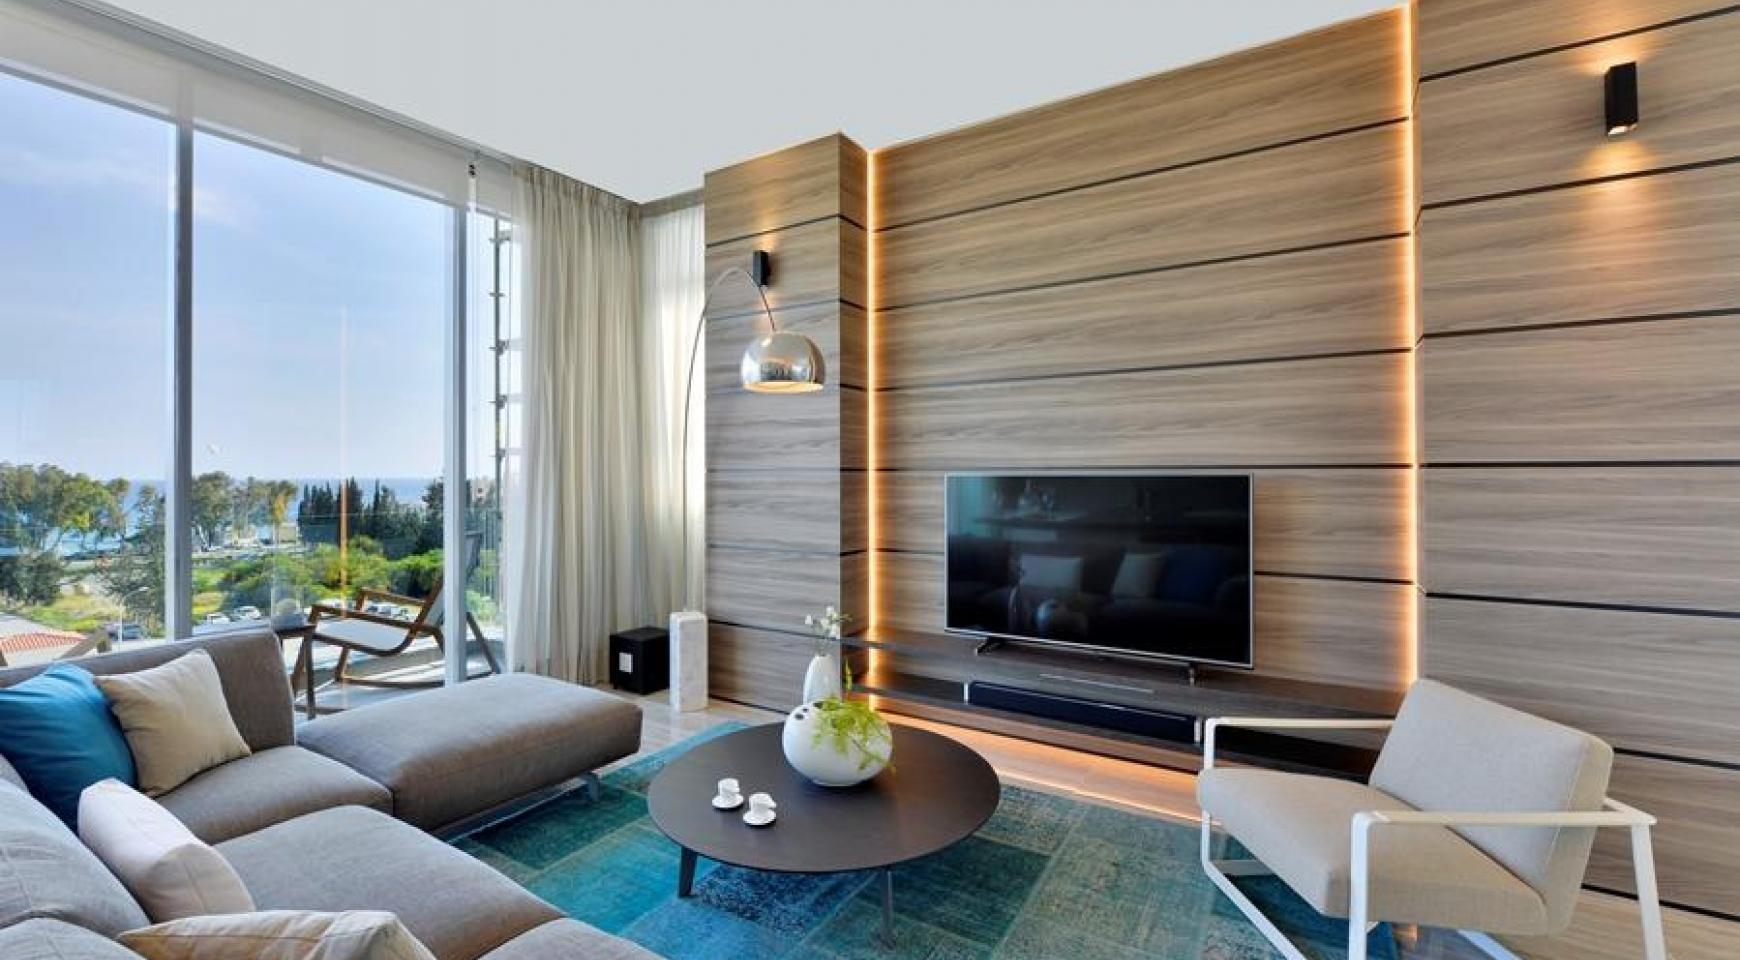 Элитная 3-Спальная Квартира в Новом Комплексе возле Моря - 2